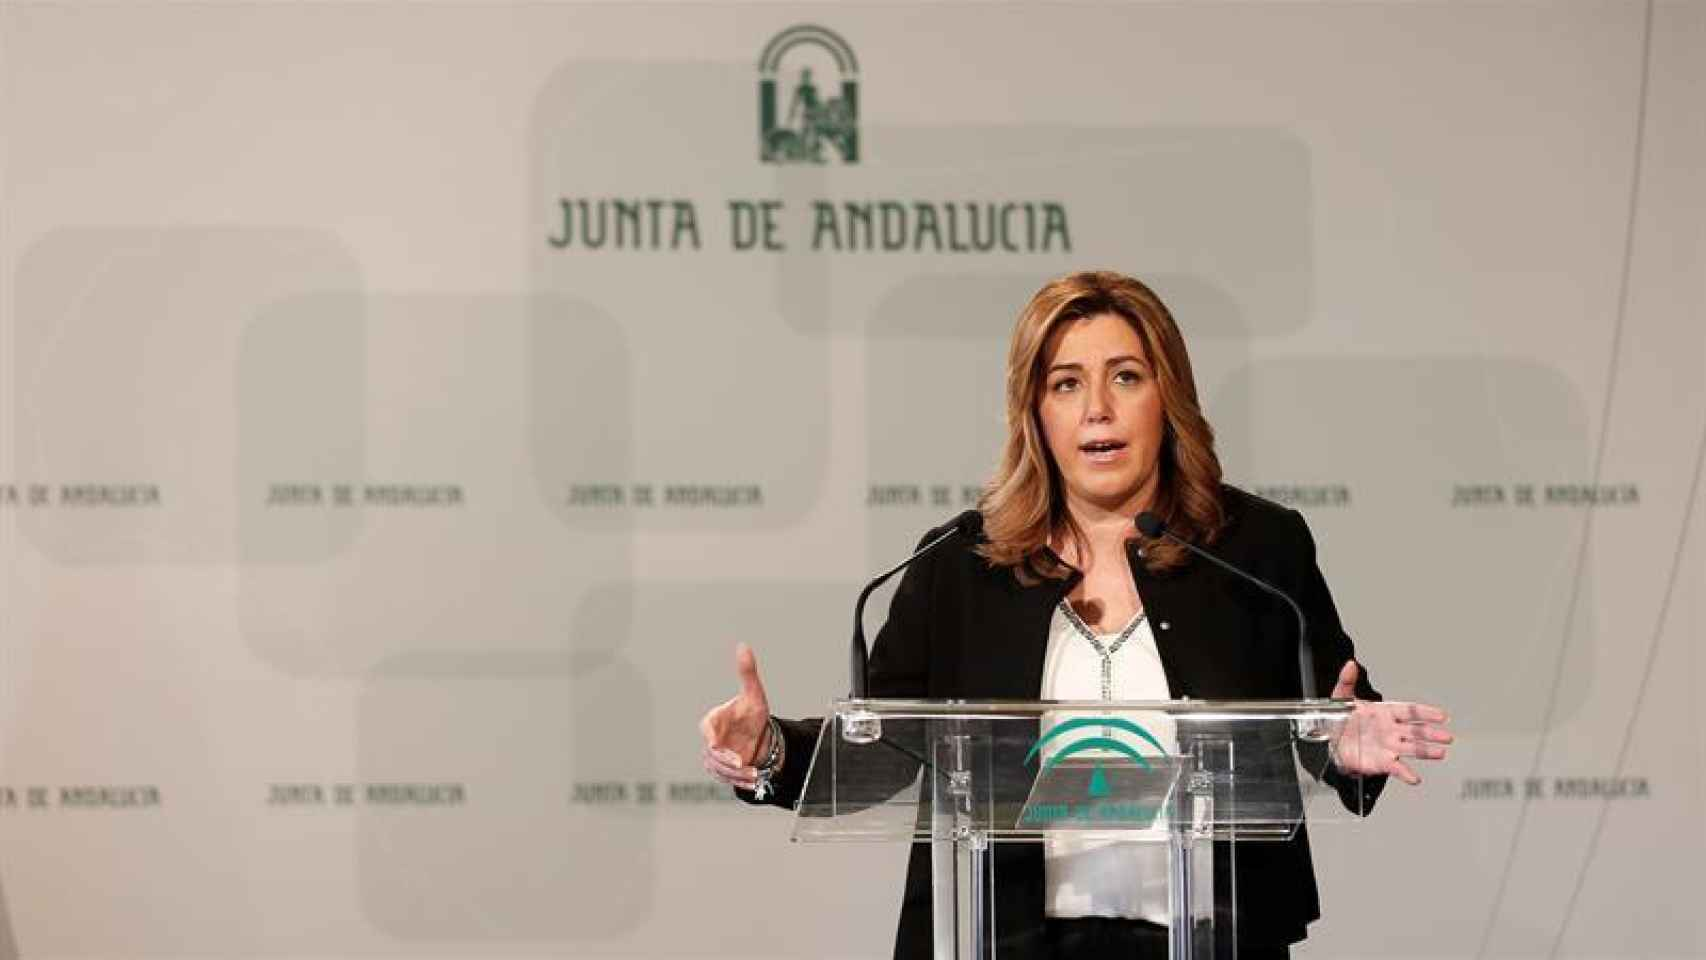 La presidenta andaluza, Susana Díaz, este martes el Palacio de San Telmo en Sevilla.